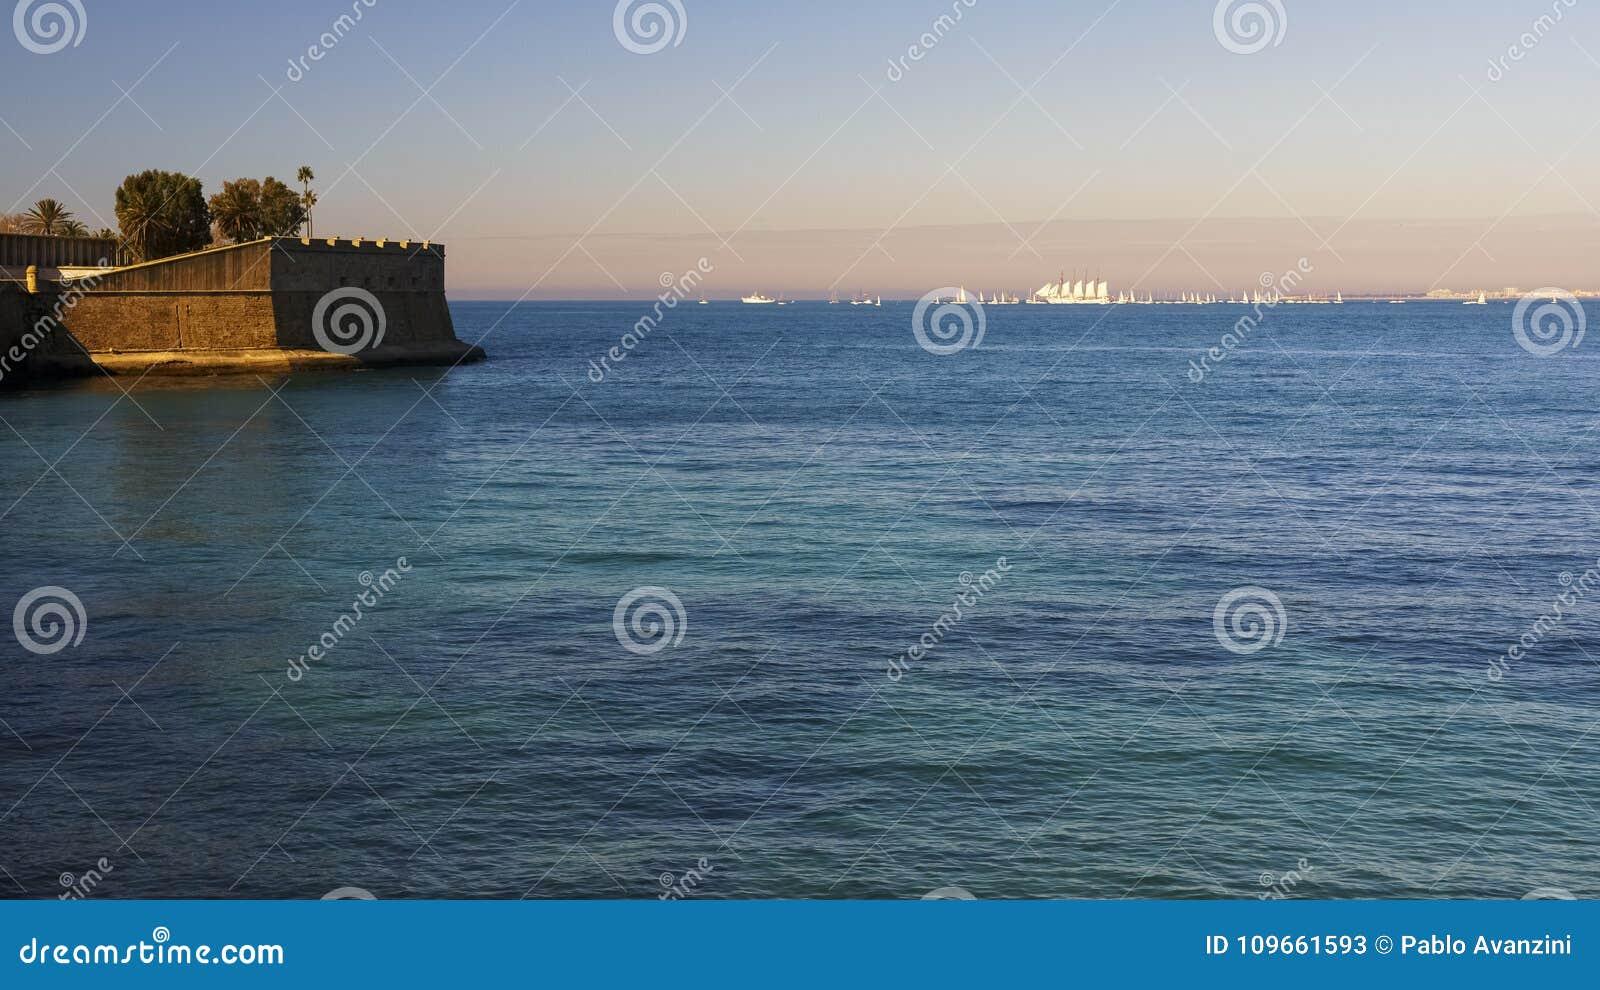 Juan Sebastian Elcano Port of Cadiz Departure